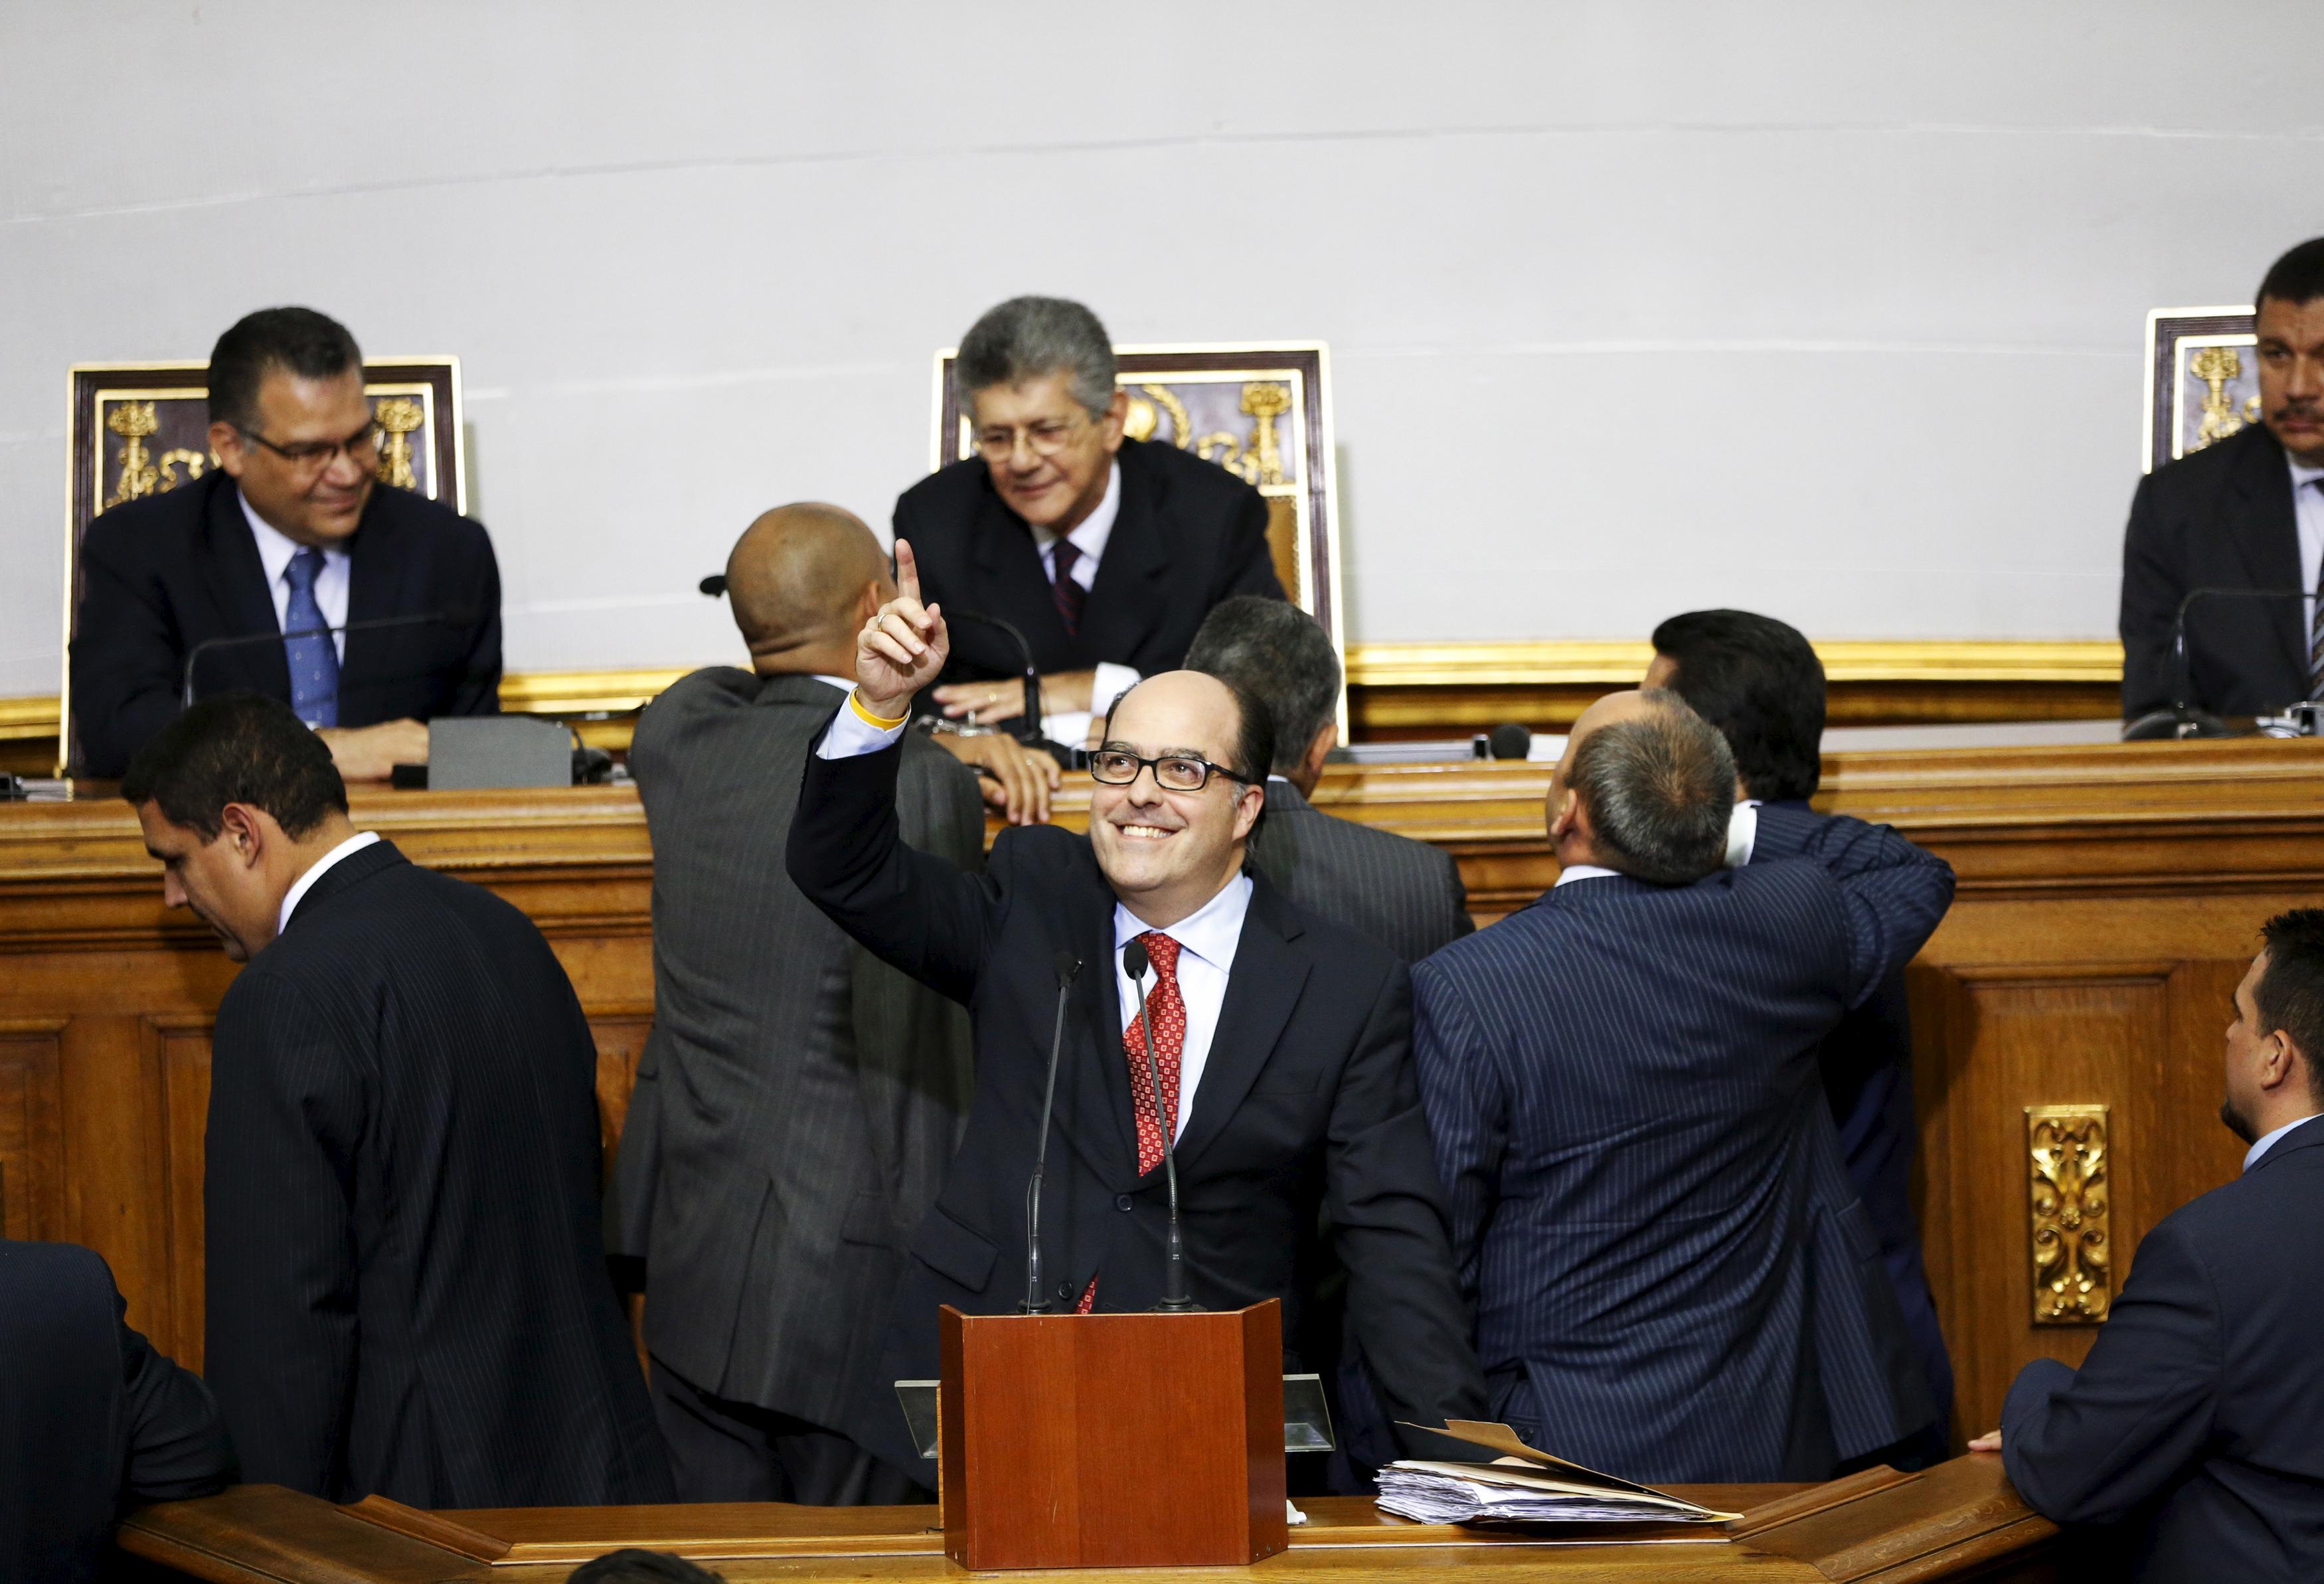 El opositor Julio Borges durante el acto de constitución de la Asamblea Nacional. Reuters